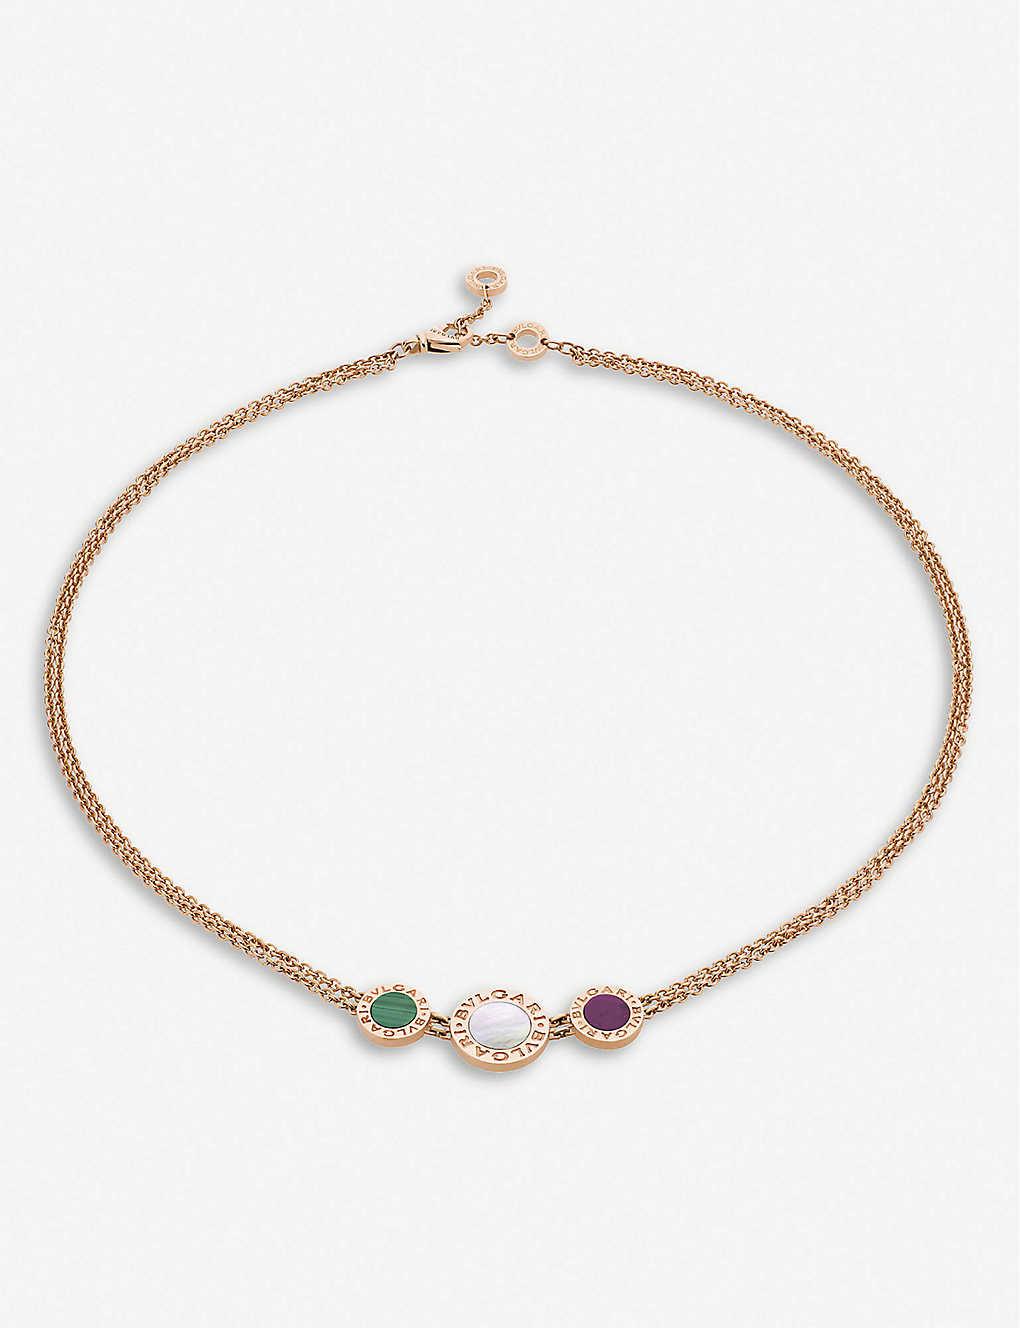 BVLGARI: Bvlgari Bvlgari 18ct rose-gold, mother-of-pearl, malachite and sugilite choker necklace